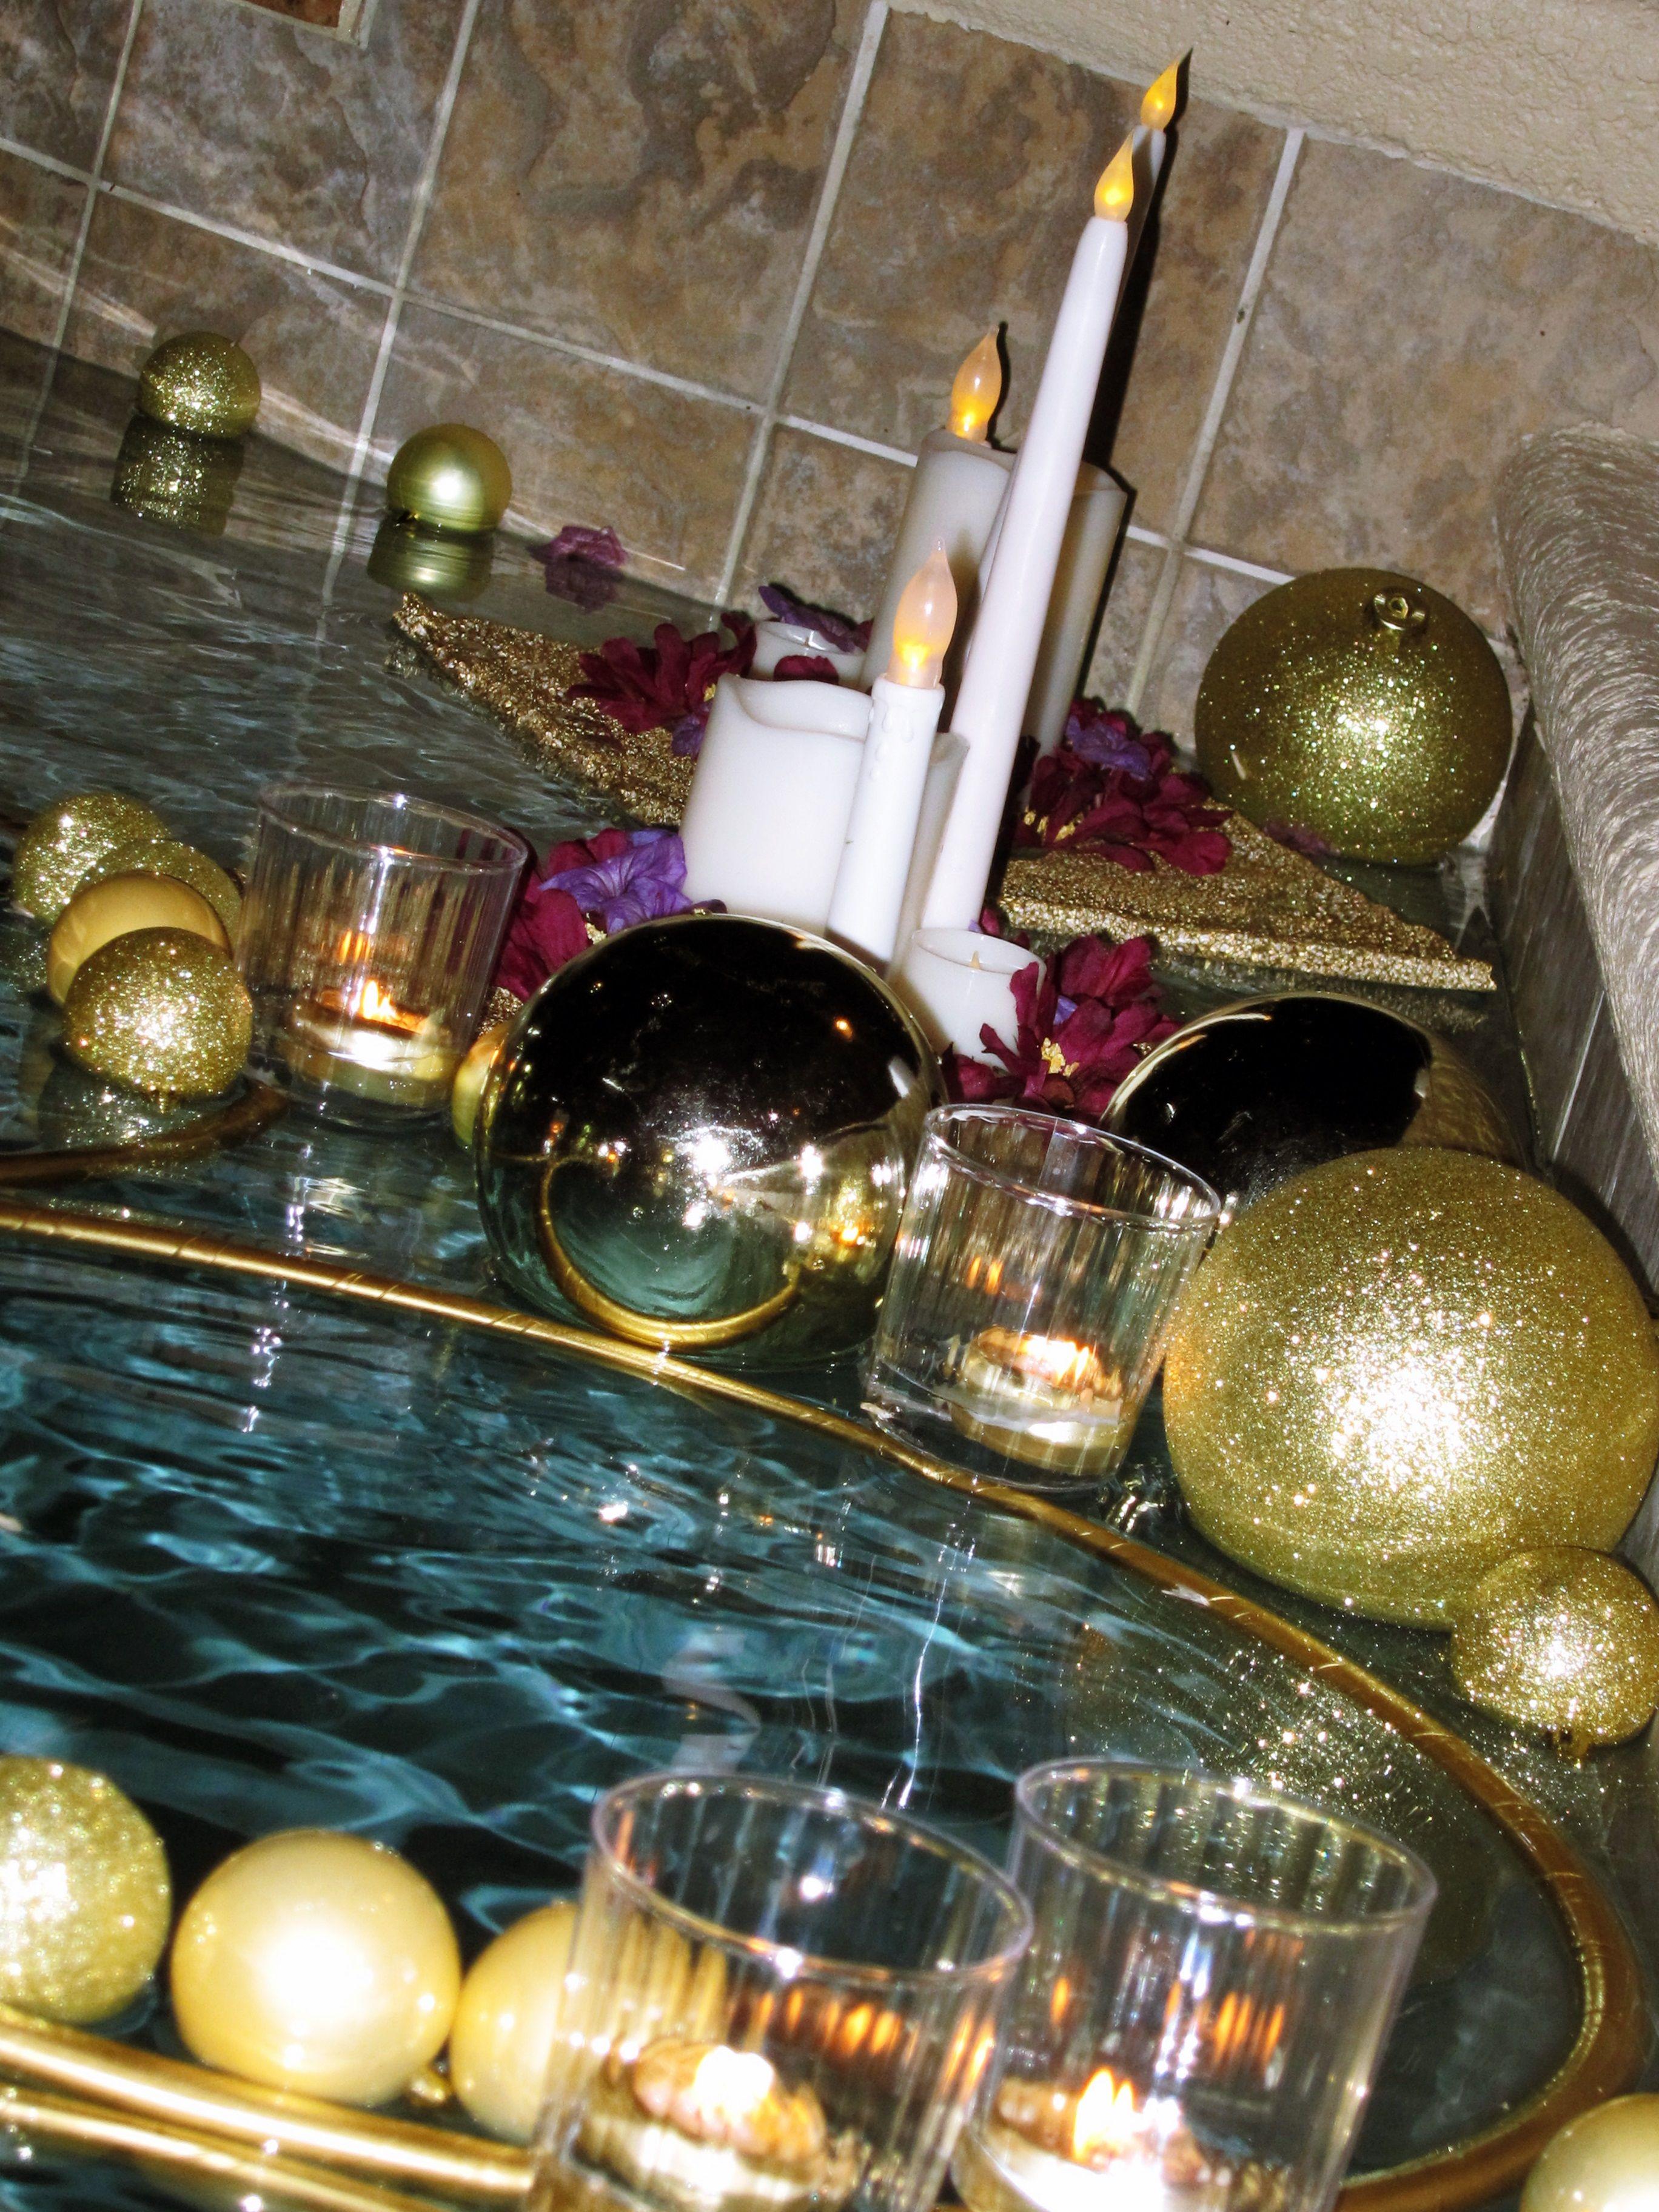 Diy pool decorhula hoops christmas balls led candles